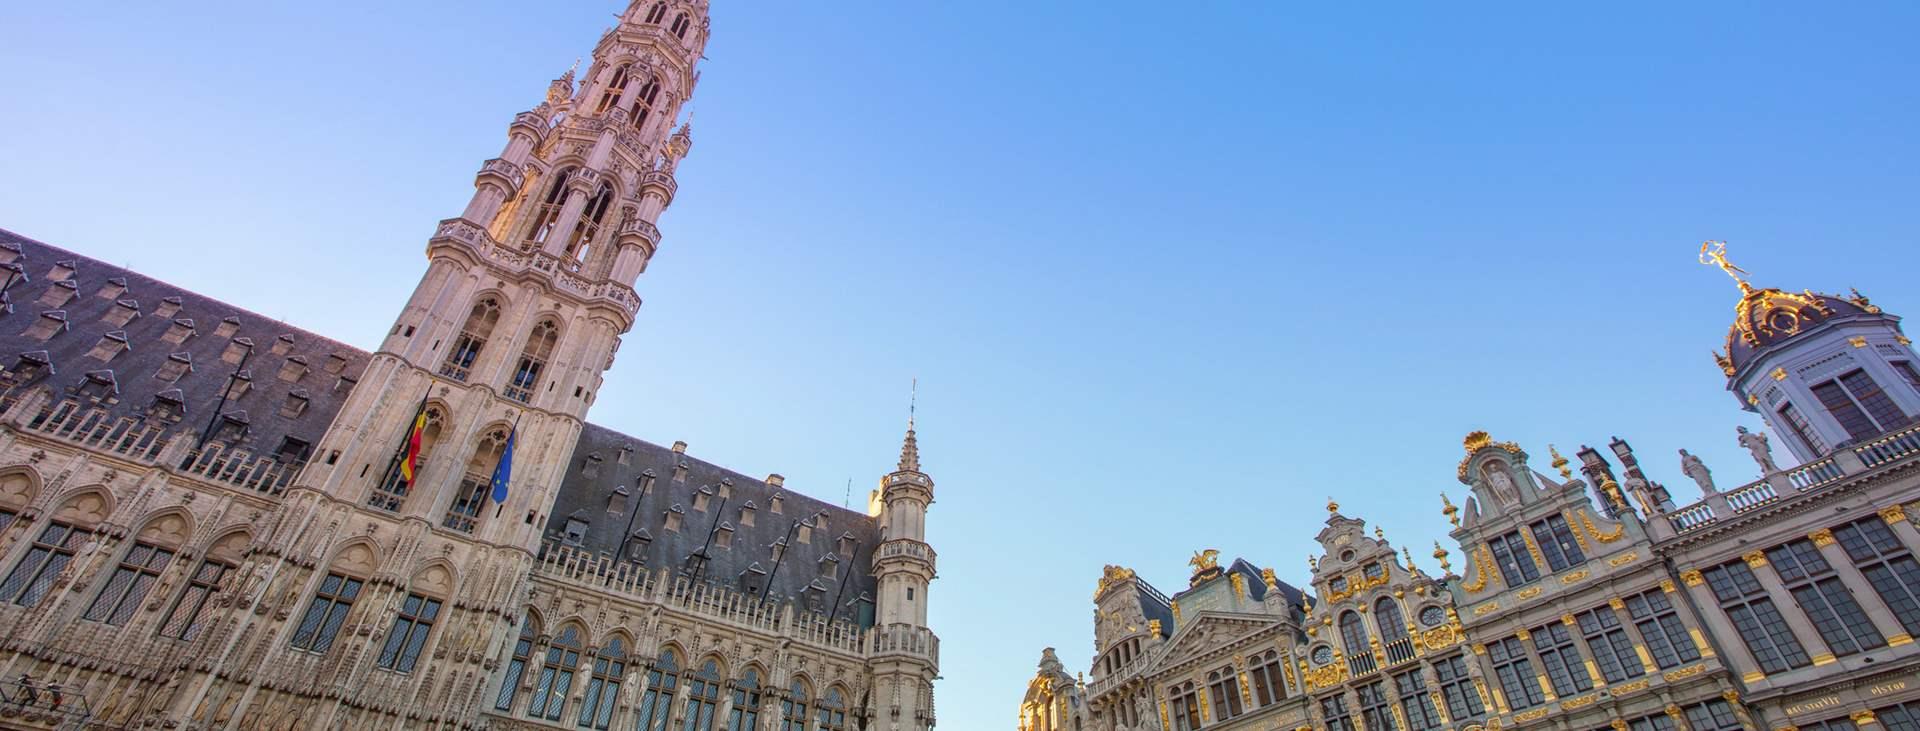 Bestill en reise til Brussel med Ving